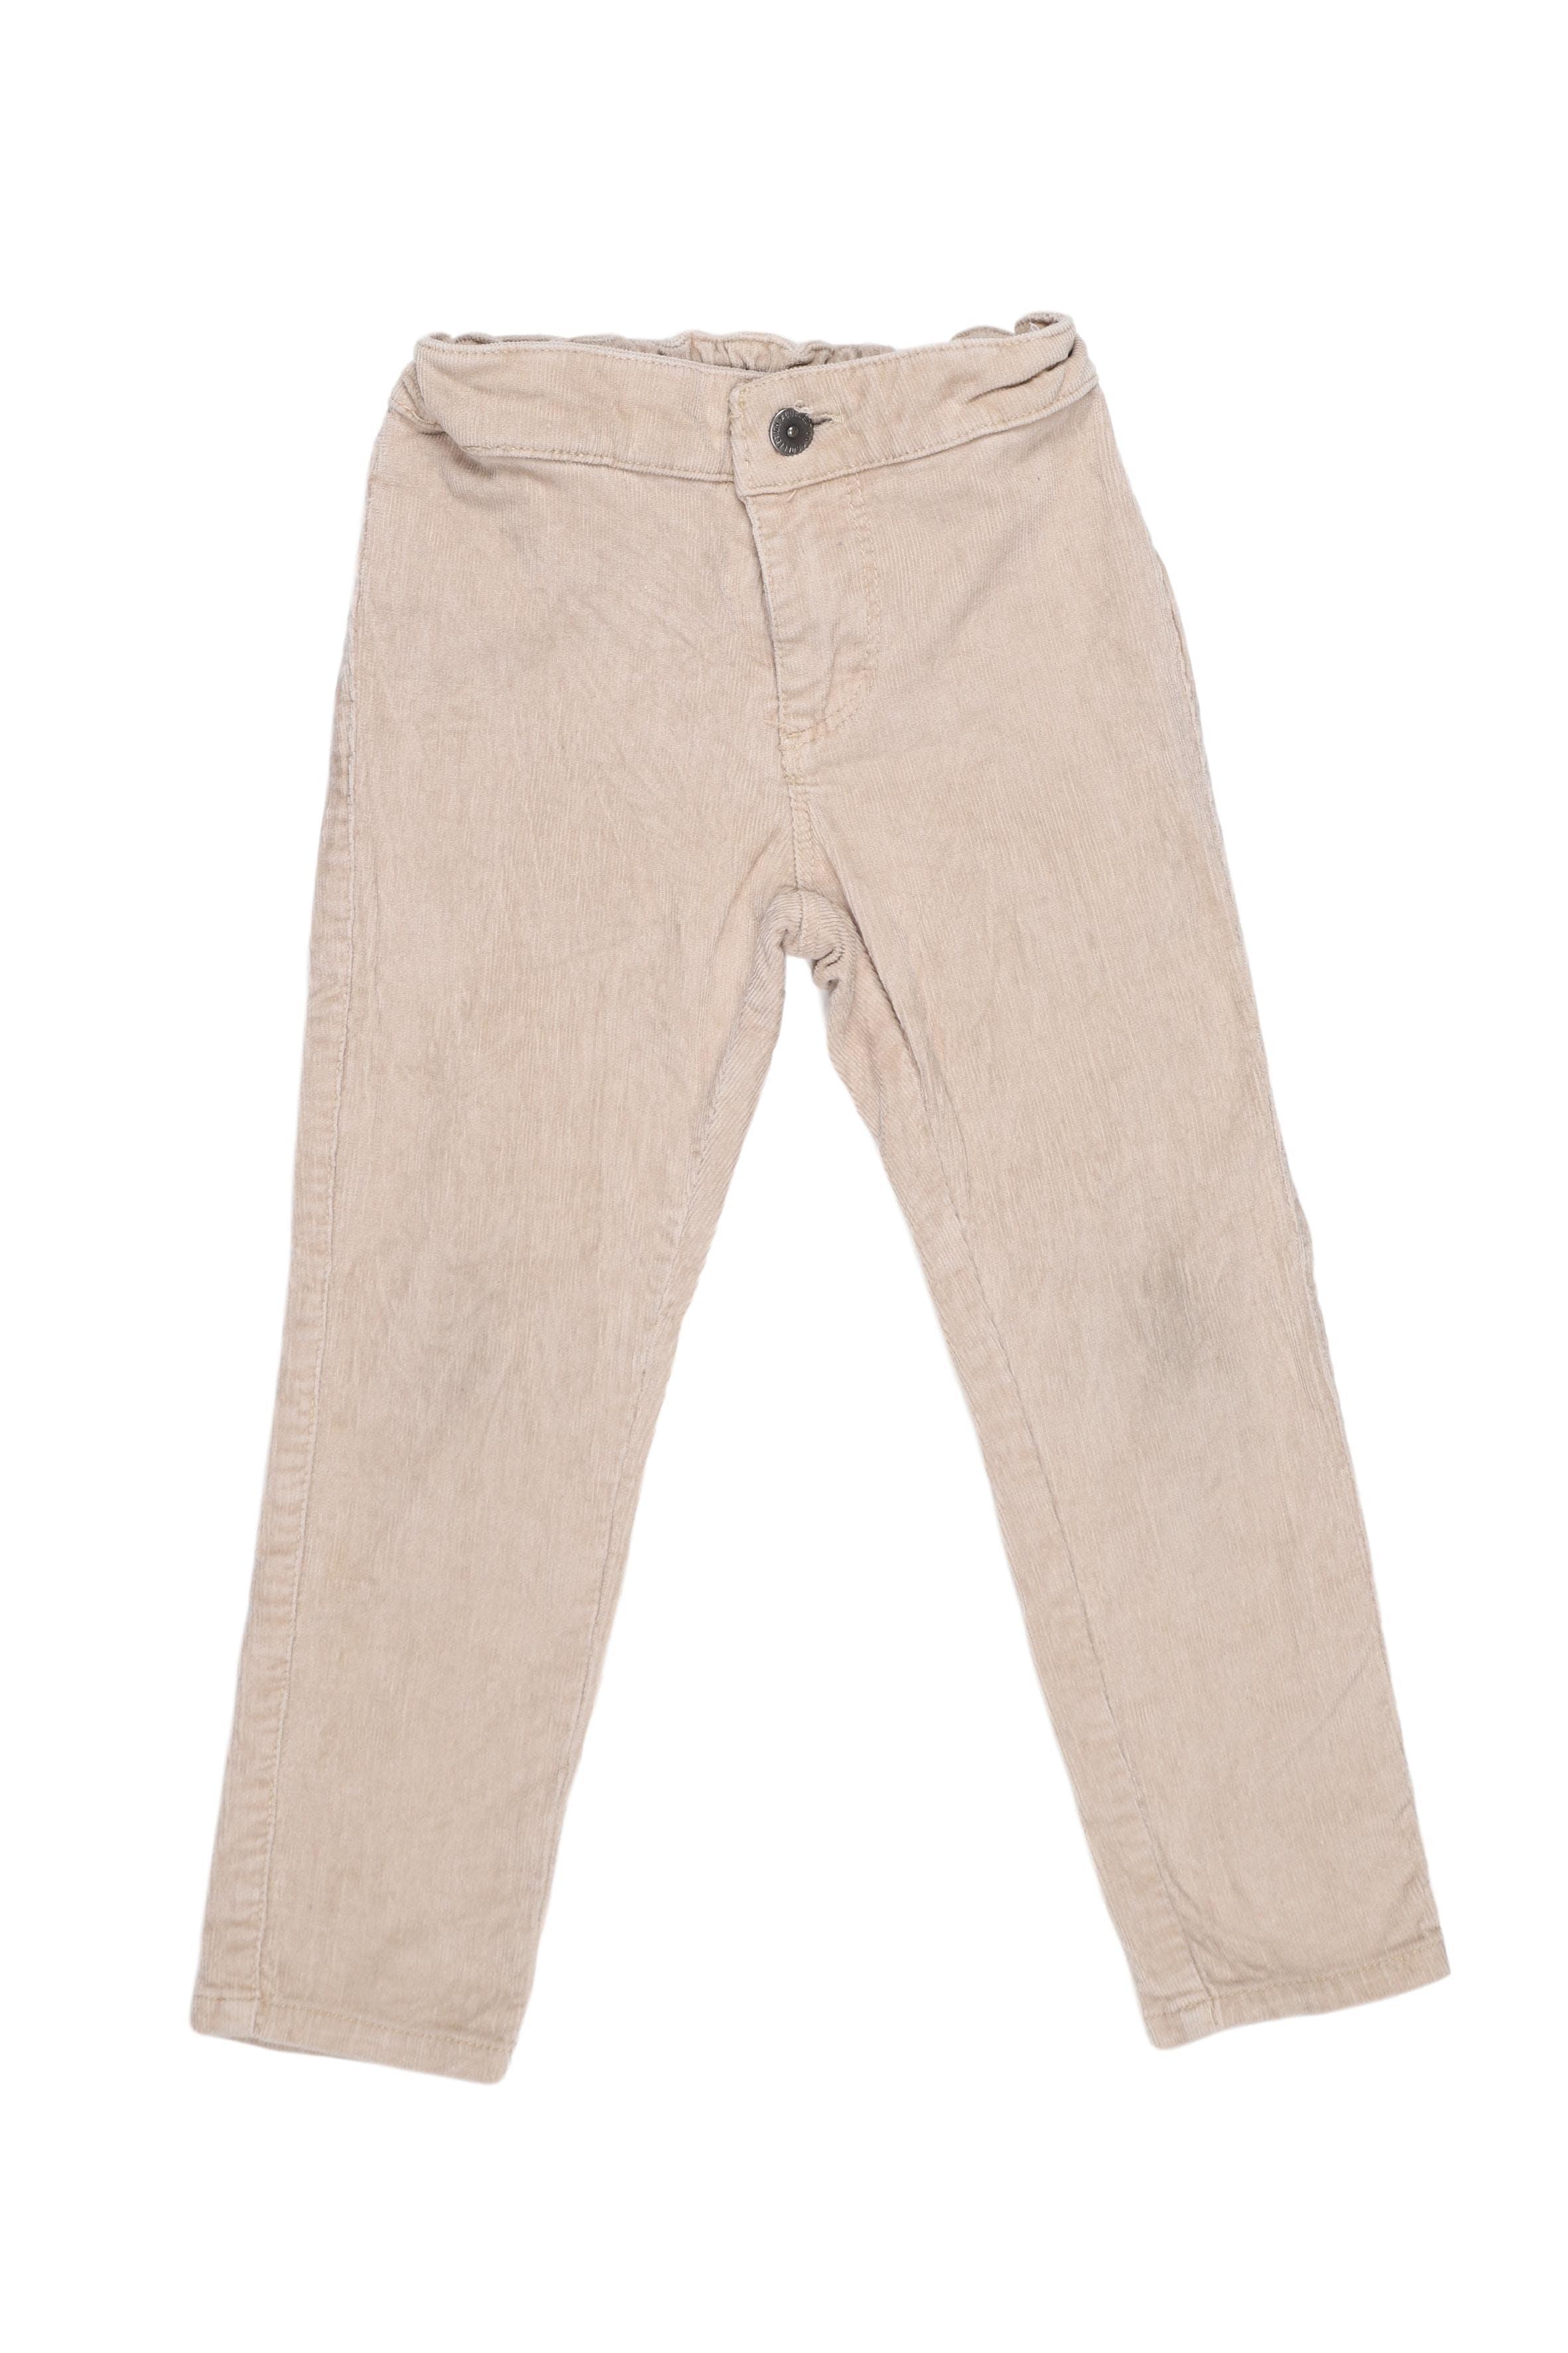 Pantalón de corduroy 98% algodón 2% elastano - Yamp